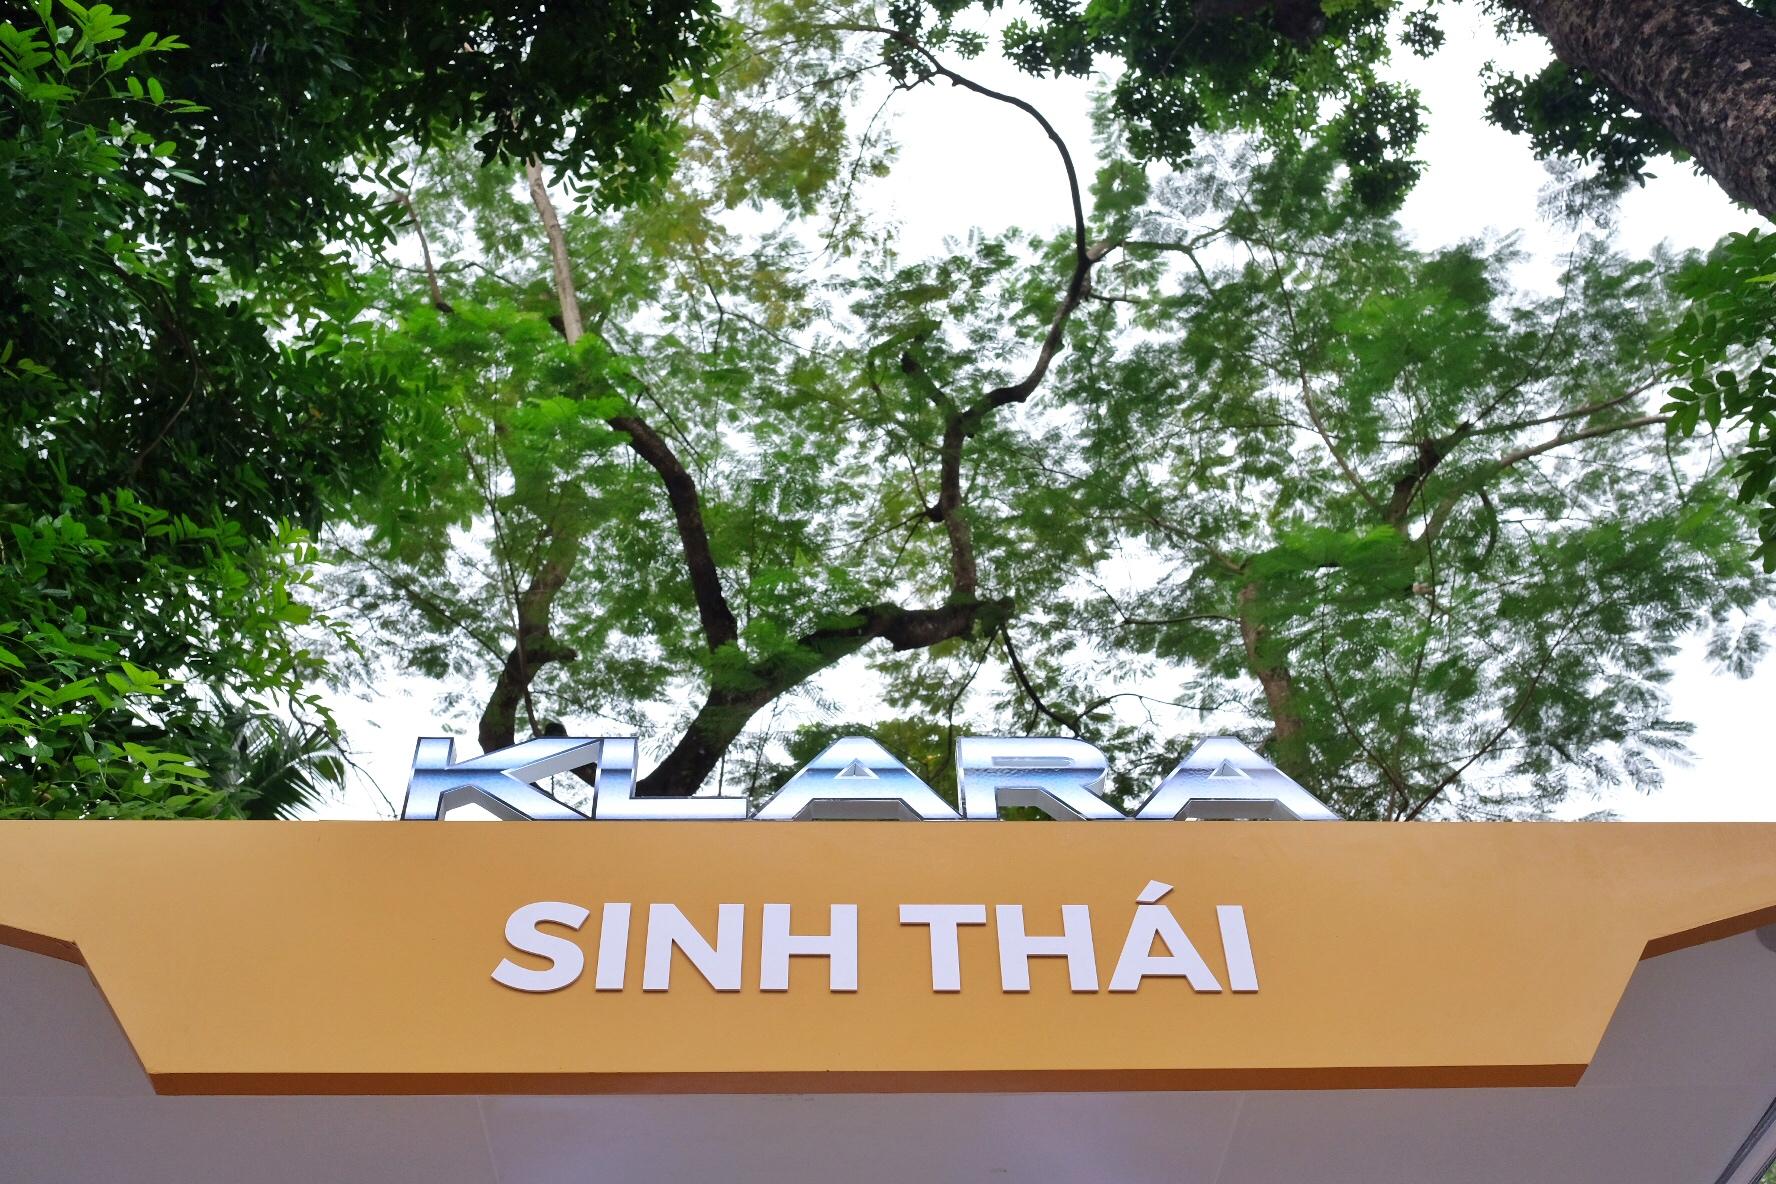 Những hình ảnh mới nhất của ô tô Vinfast chuẩn bị lễ ra mắt tại Hà Nội 11